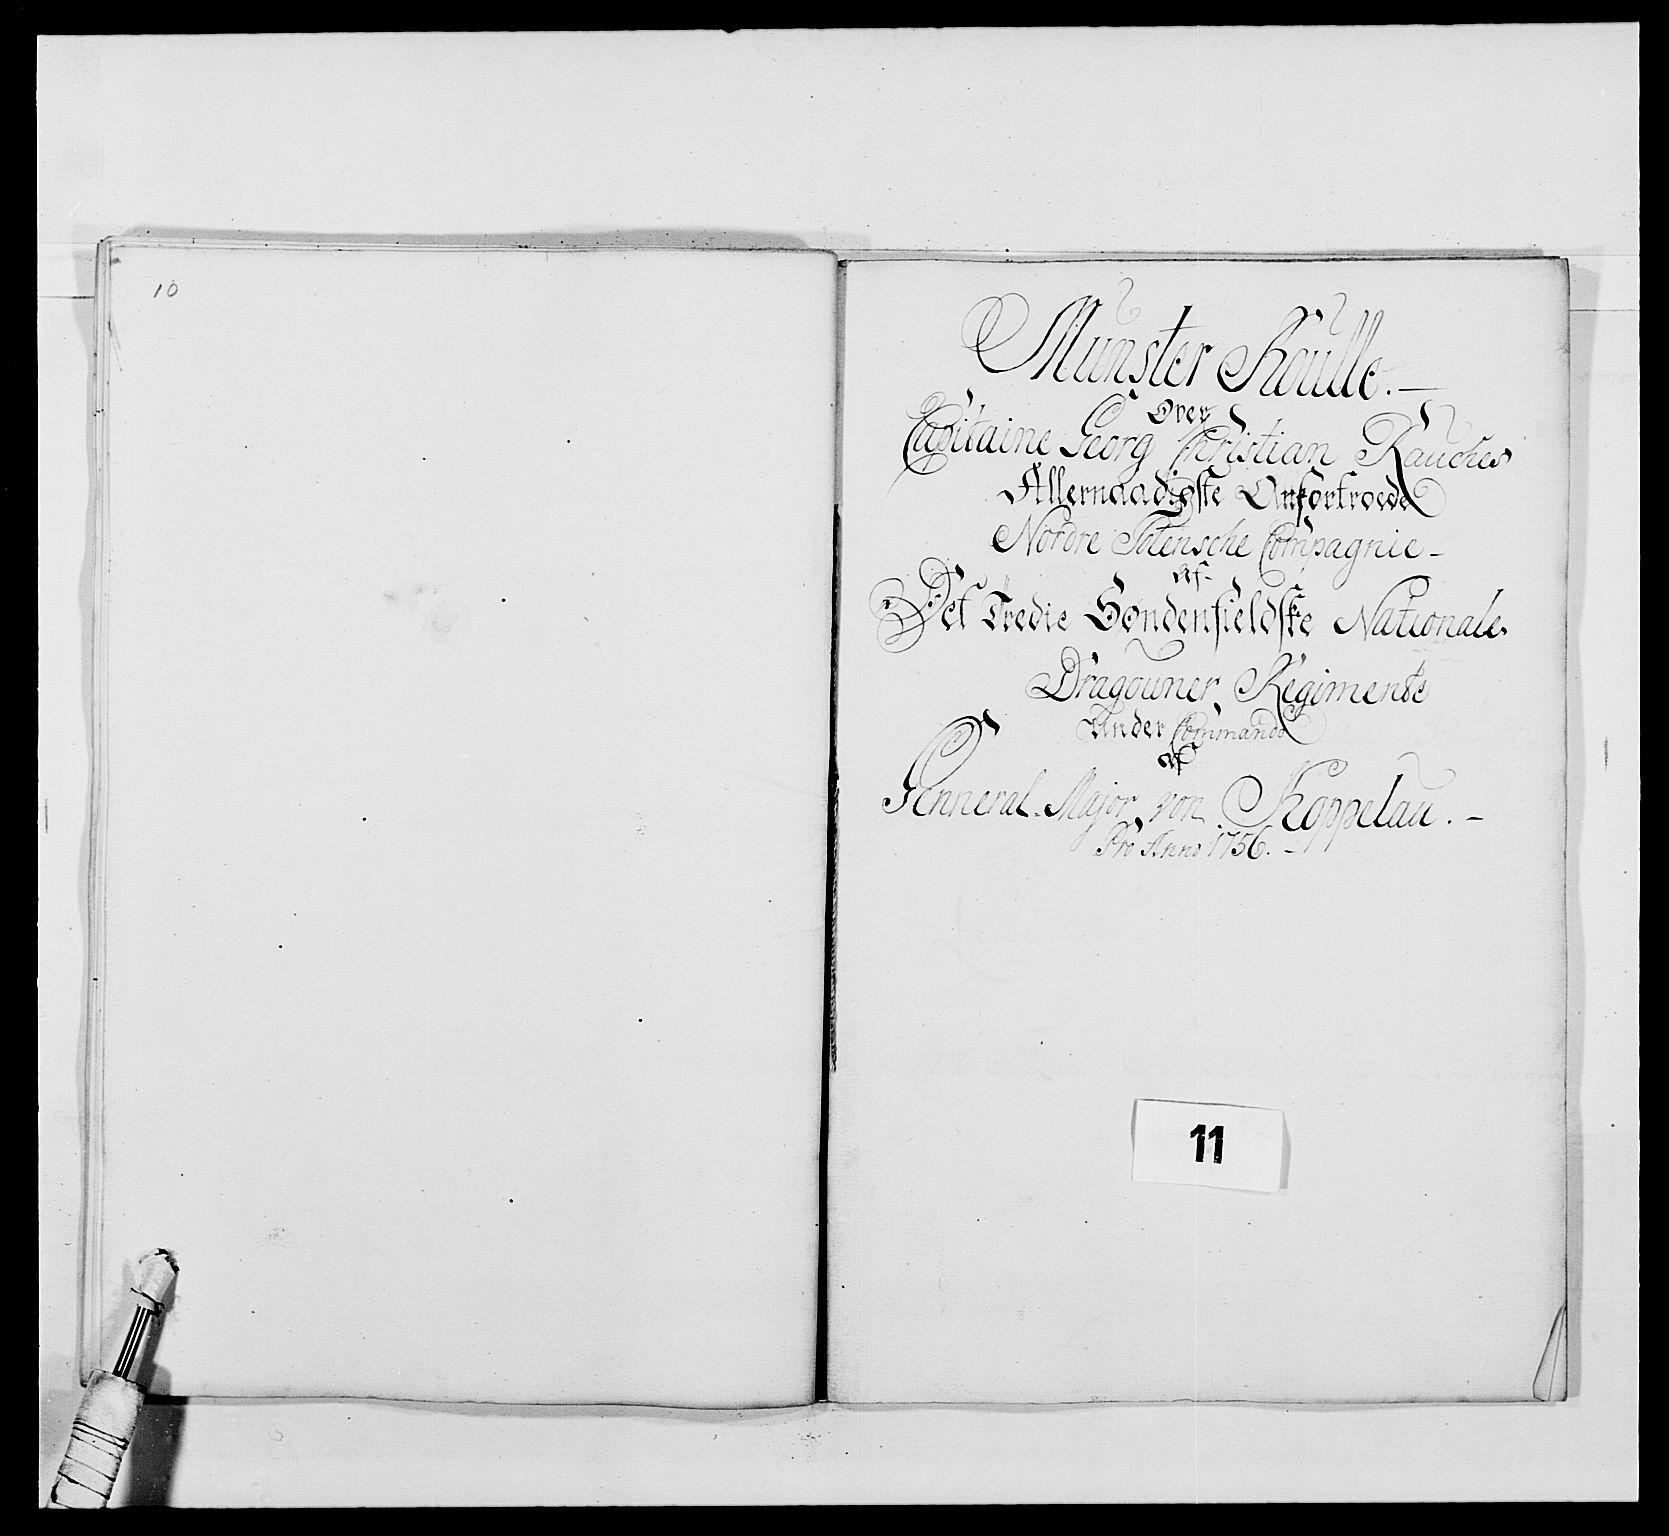 RA, Kommanderende general (KG I) med Det norske krigsdirektorium, E/Ea/L0479: 3. Sønnafjelske dragonregiment, 1756-1760, s. 201